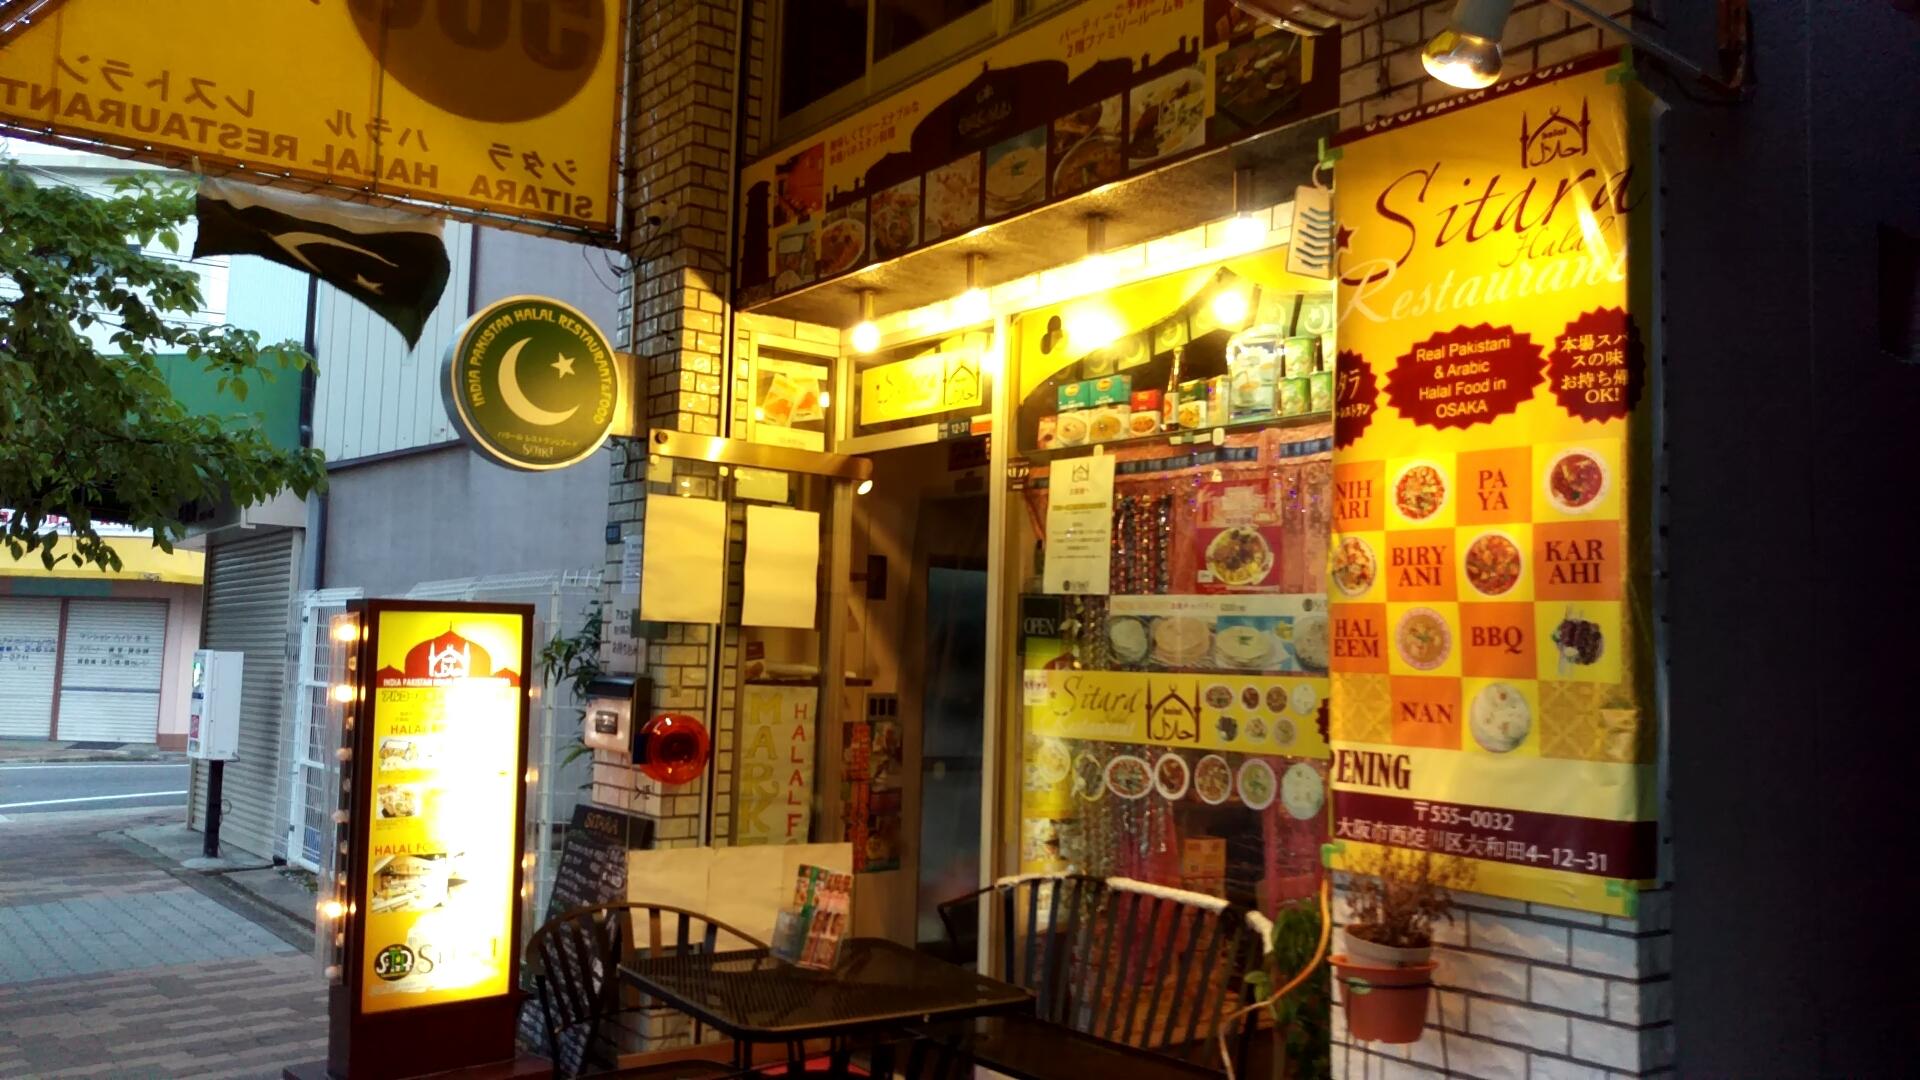 大阪ハラールレストランさんにくらべて鮮やかな印象の店頭